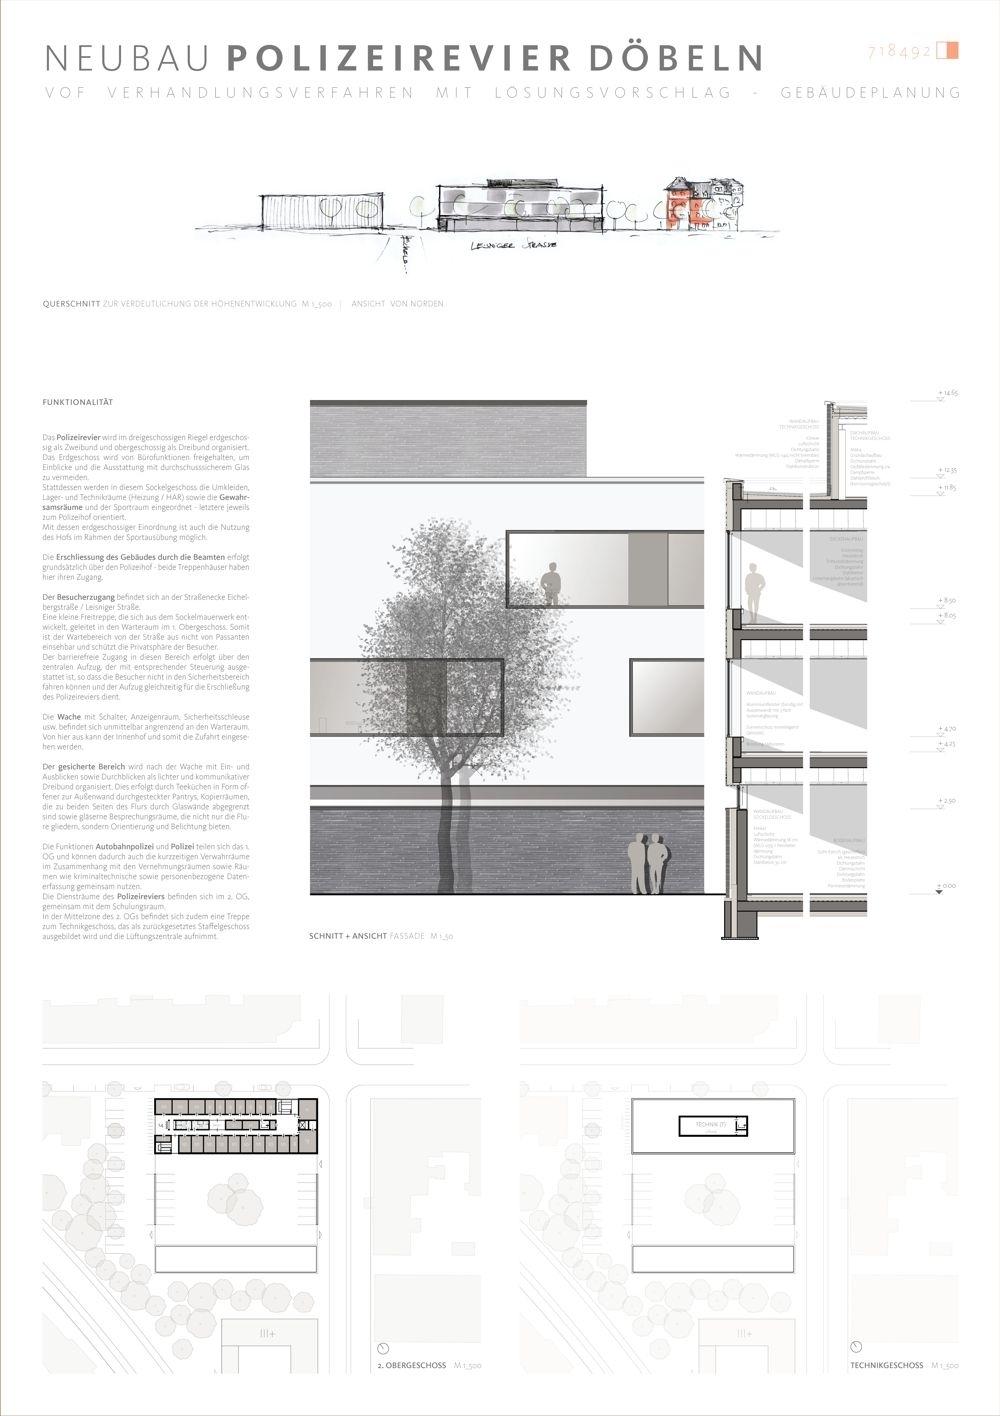 Ergebnis: Objektplanung für Gebäude nach HOAI Teil...competitionline